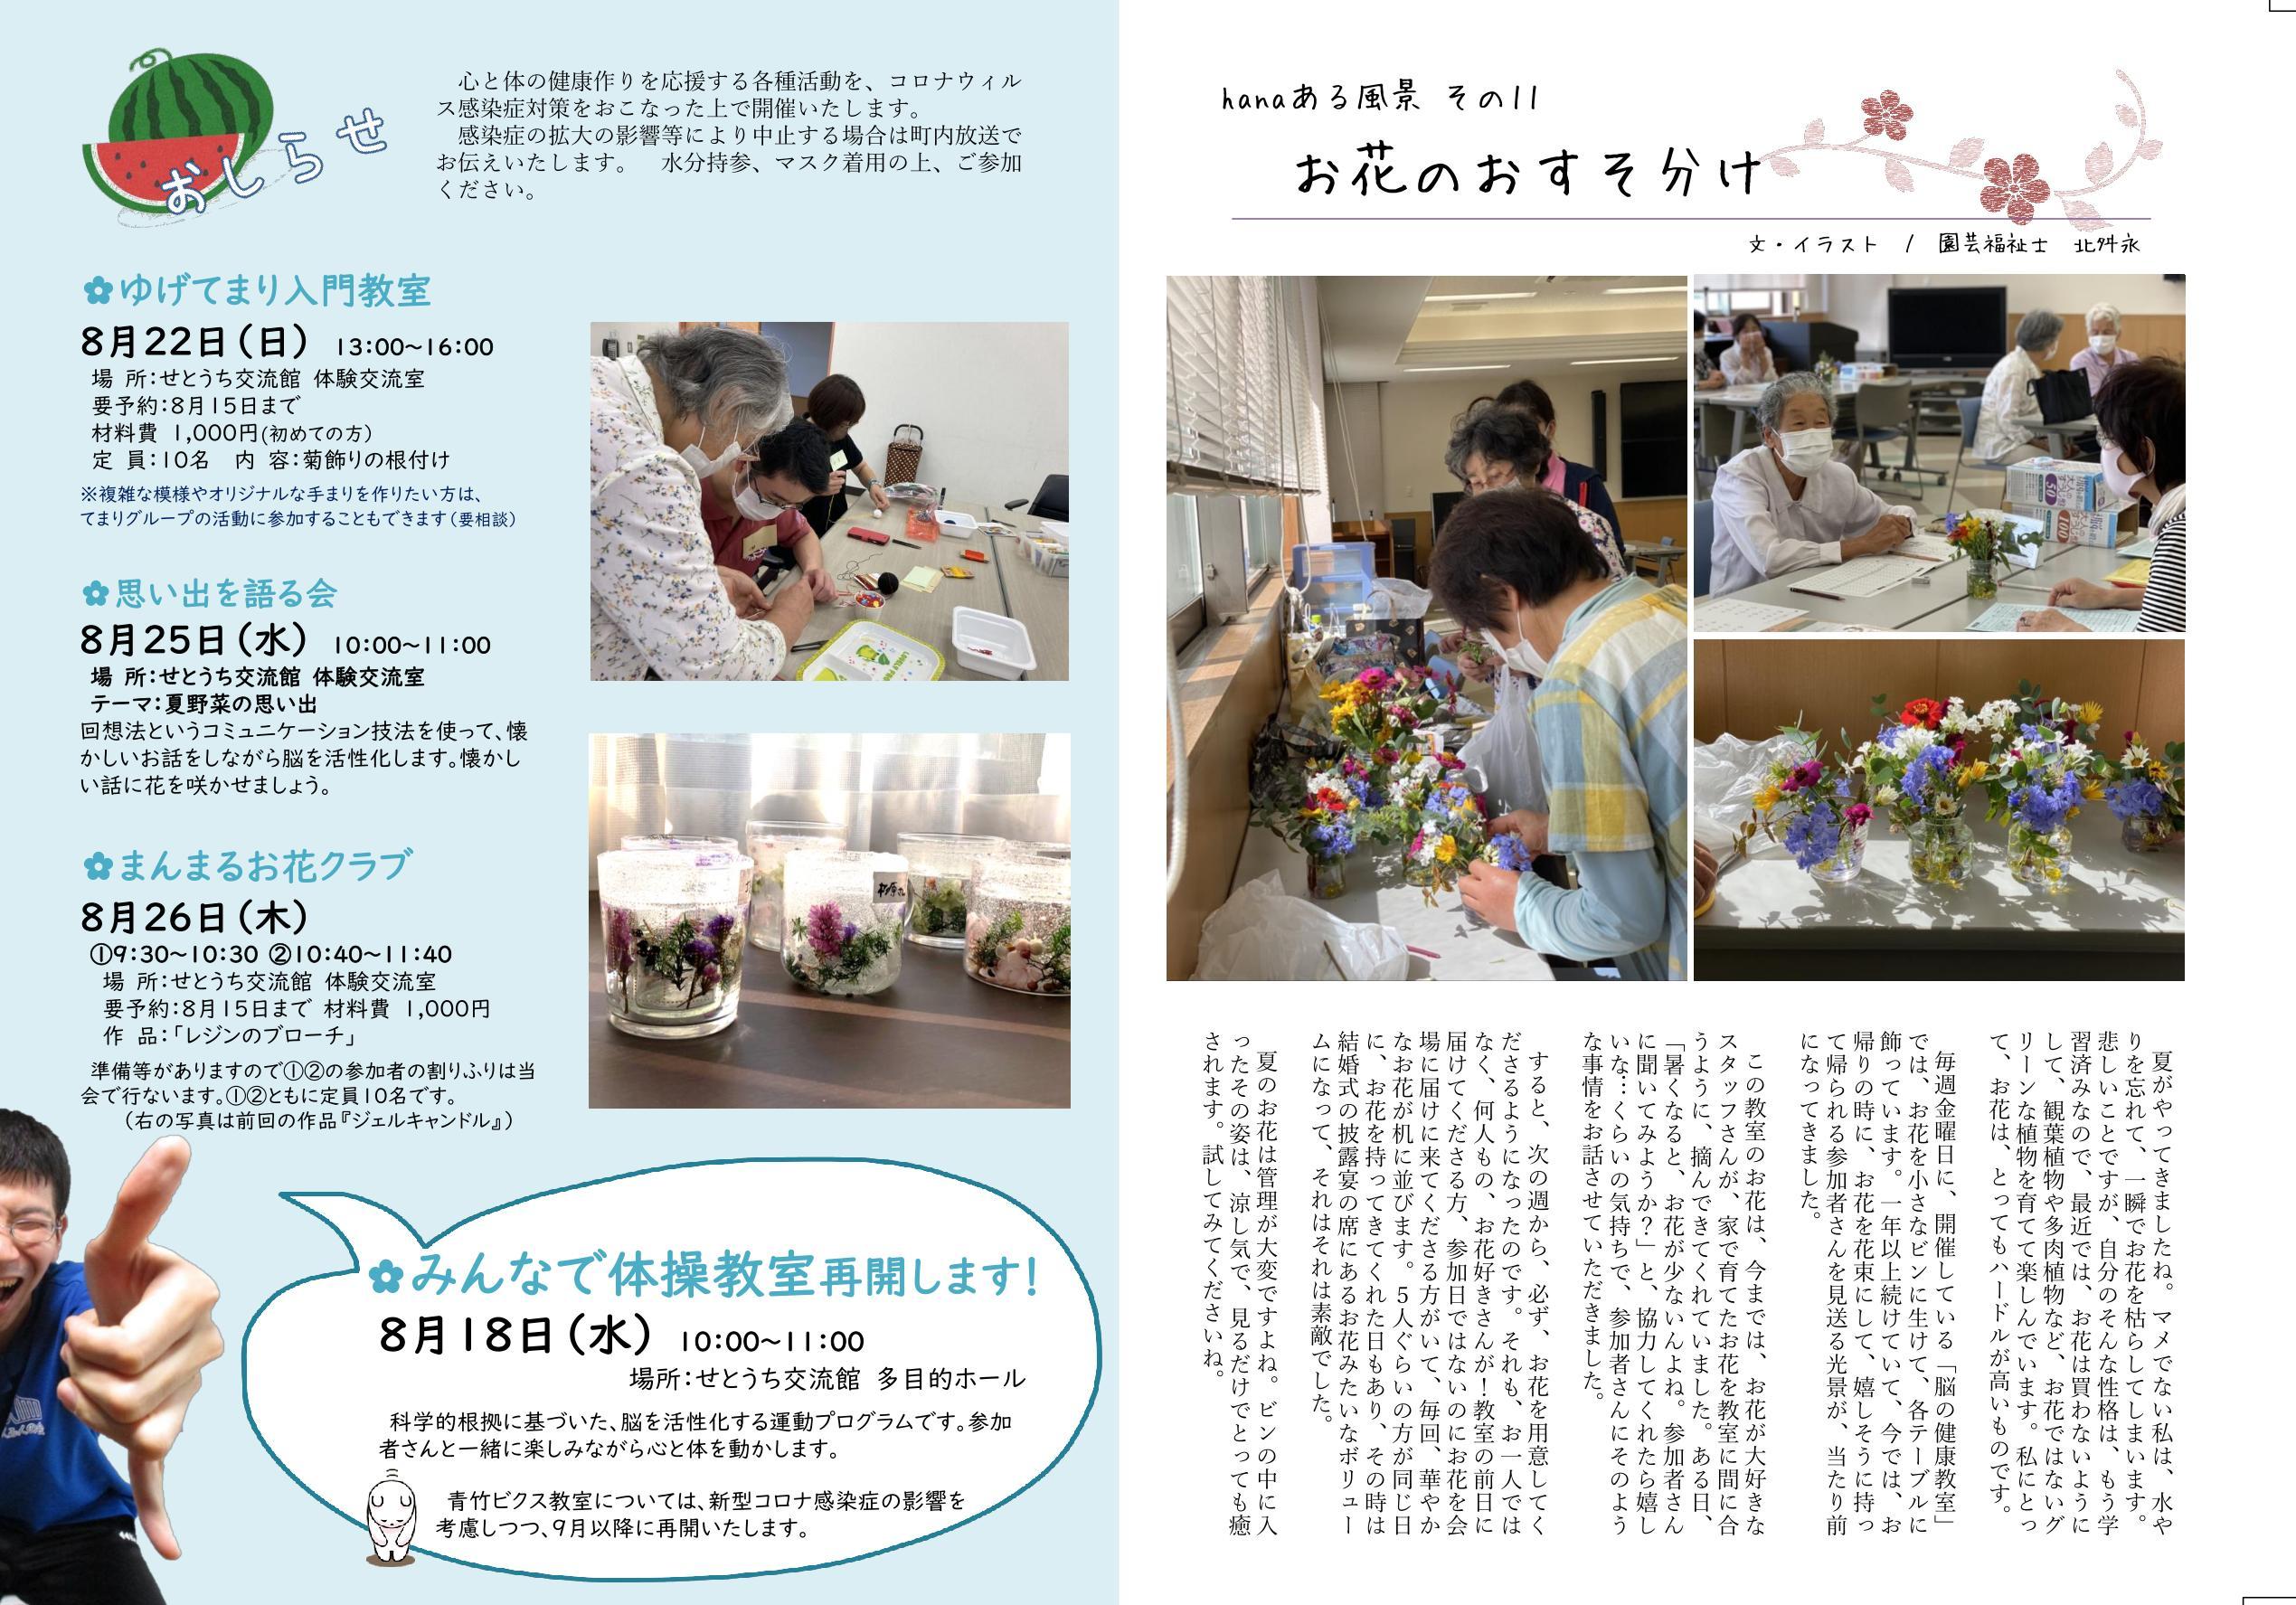 http://fukufukunokai.com/newsletter/images/7%E6%9C%88%E5%8F%B72_cropped_4.jpeg